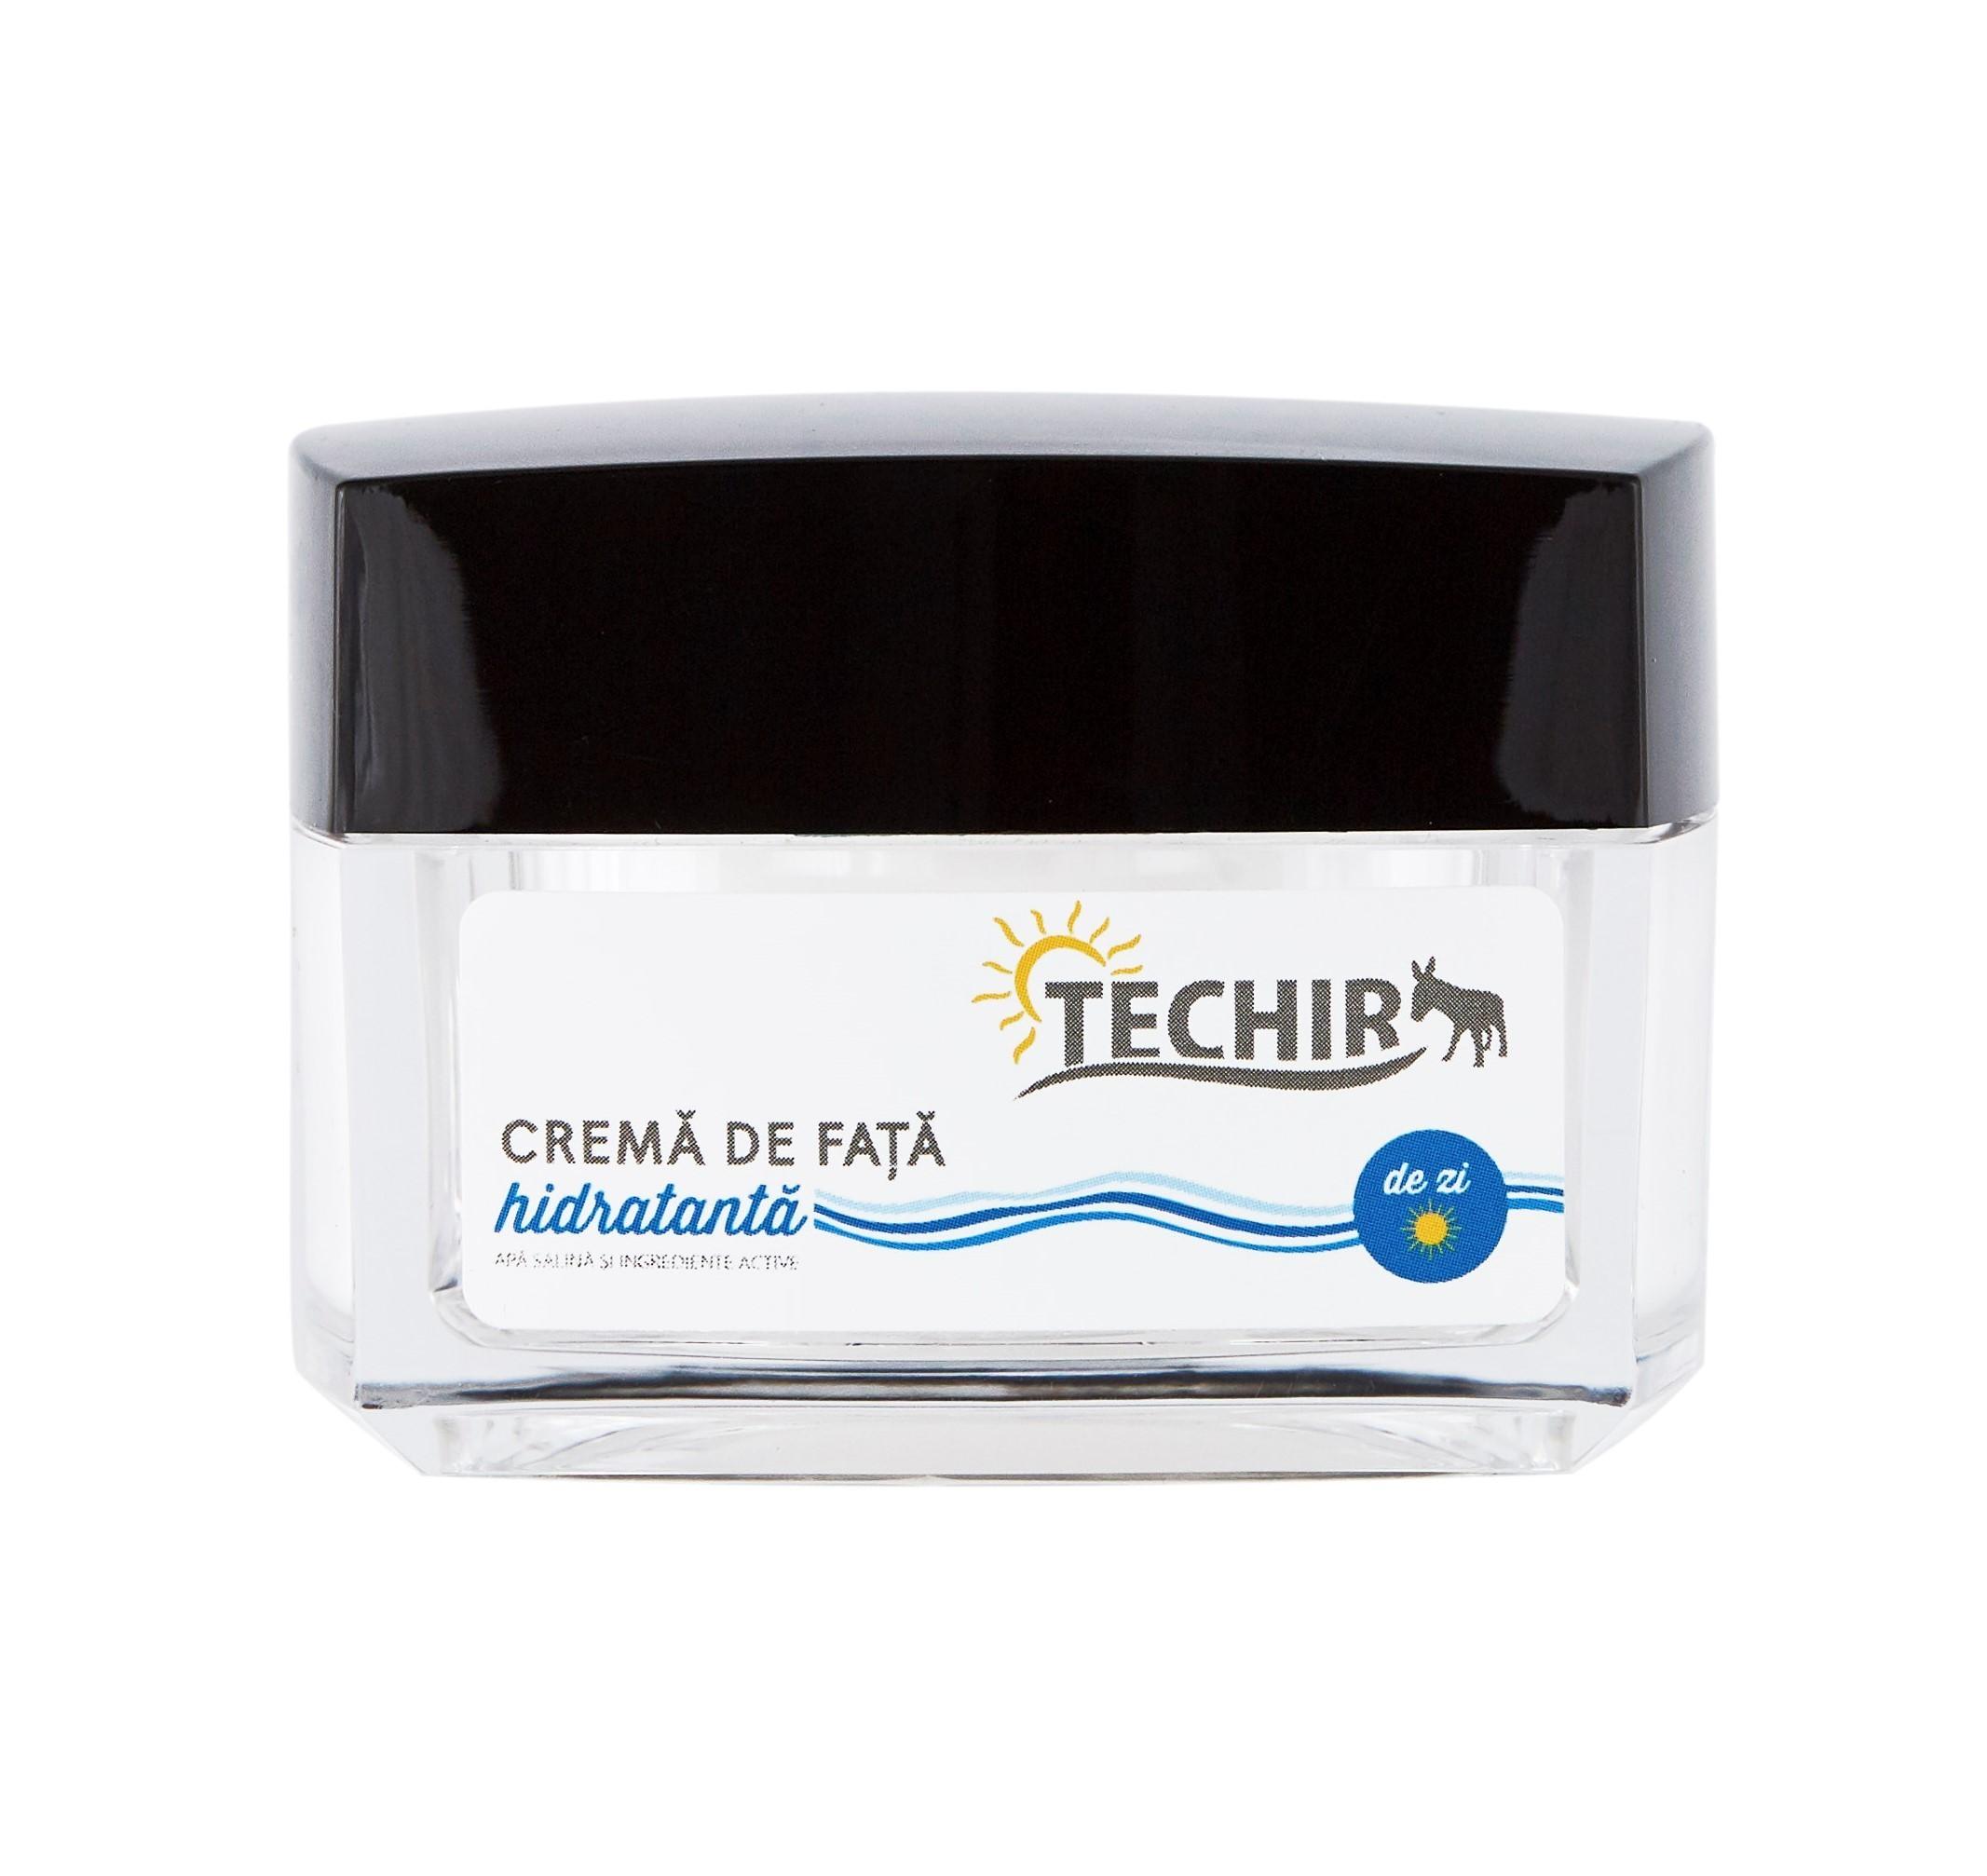 Crema Techir Hidratanta De Fata/zi